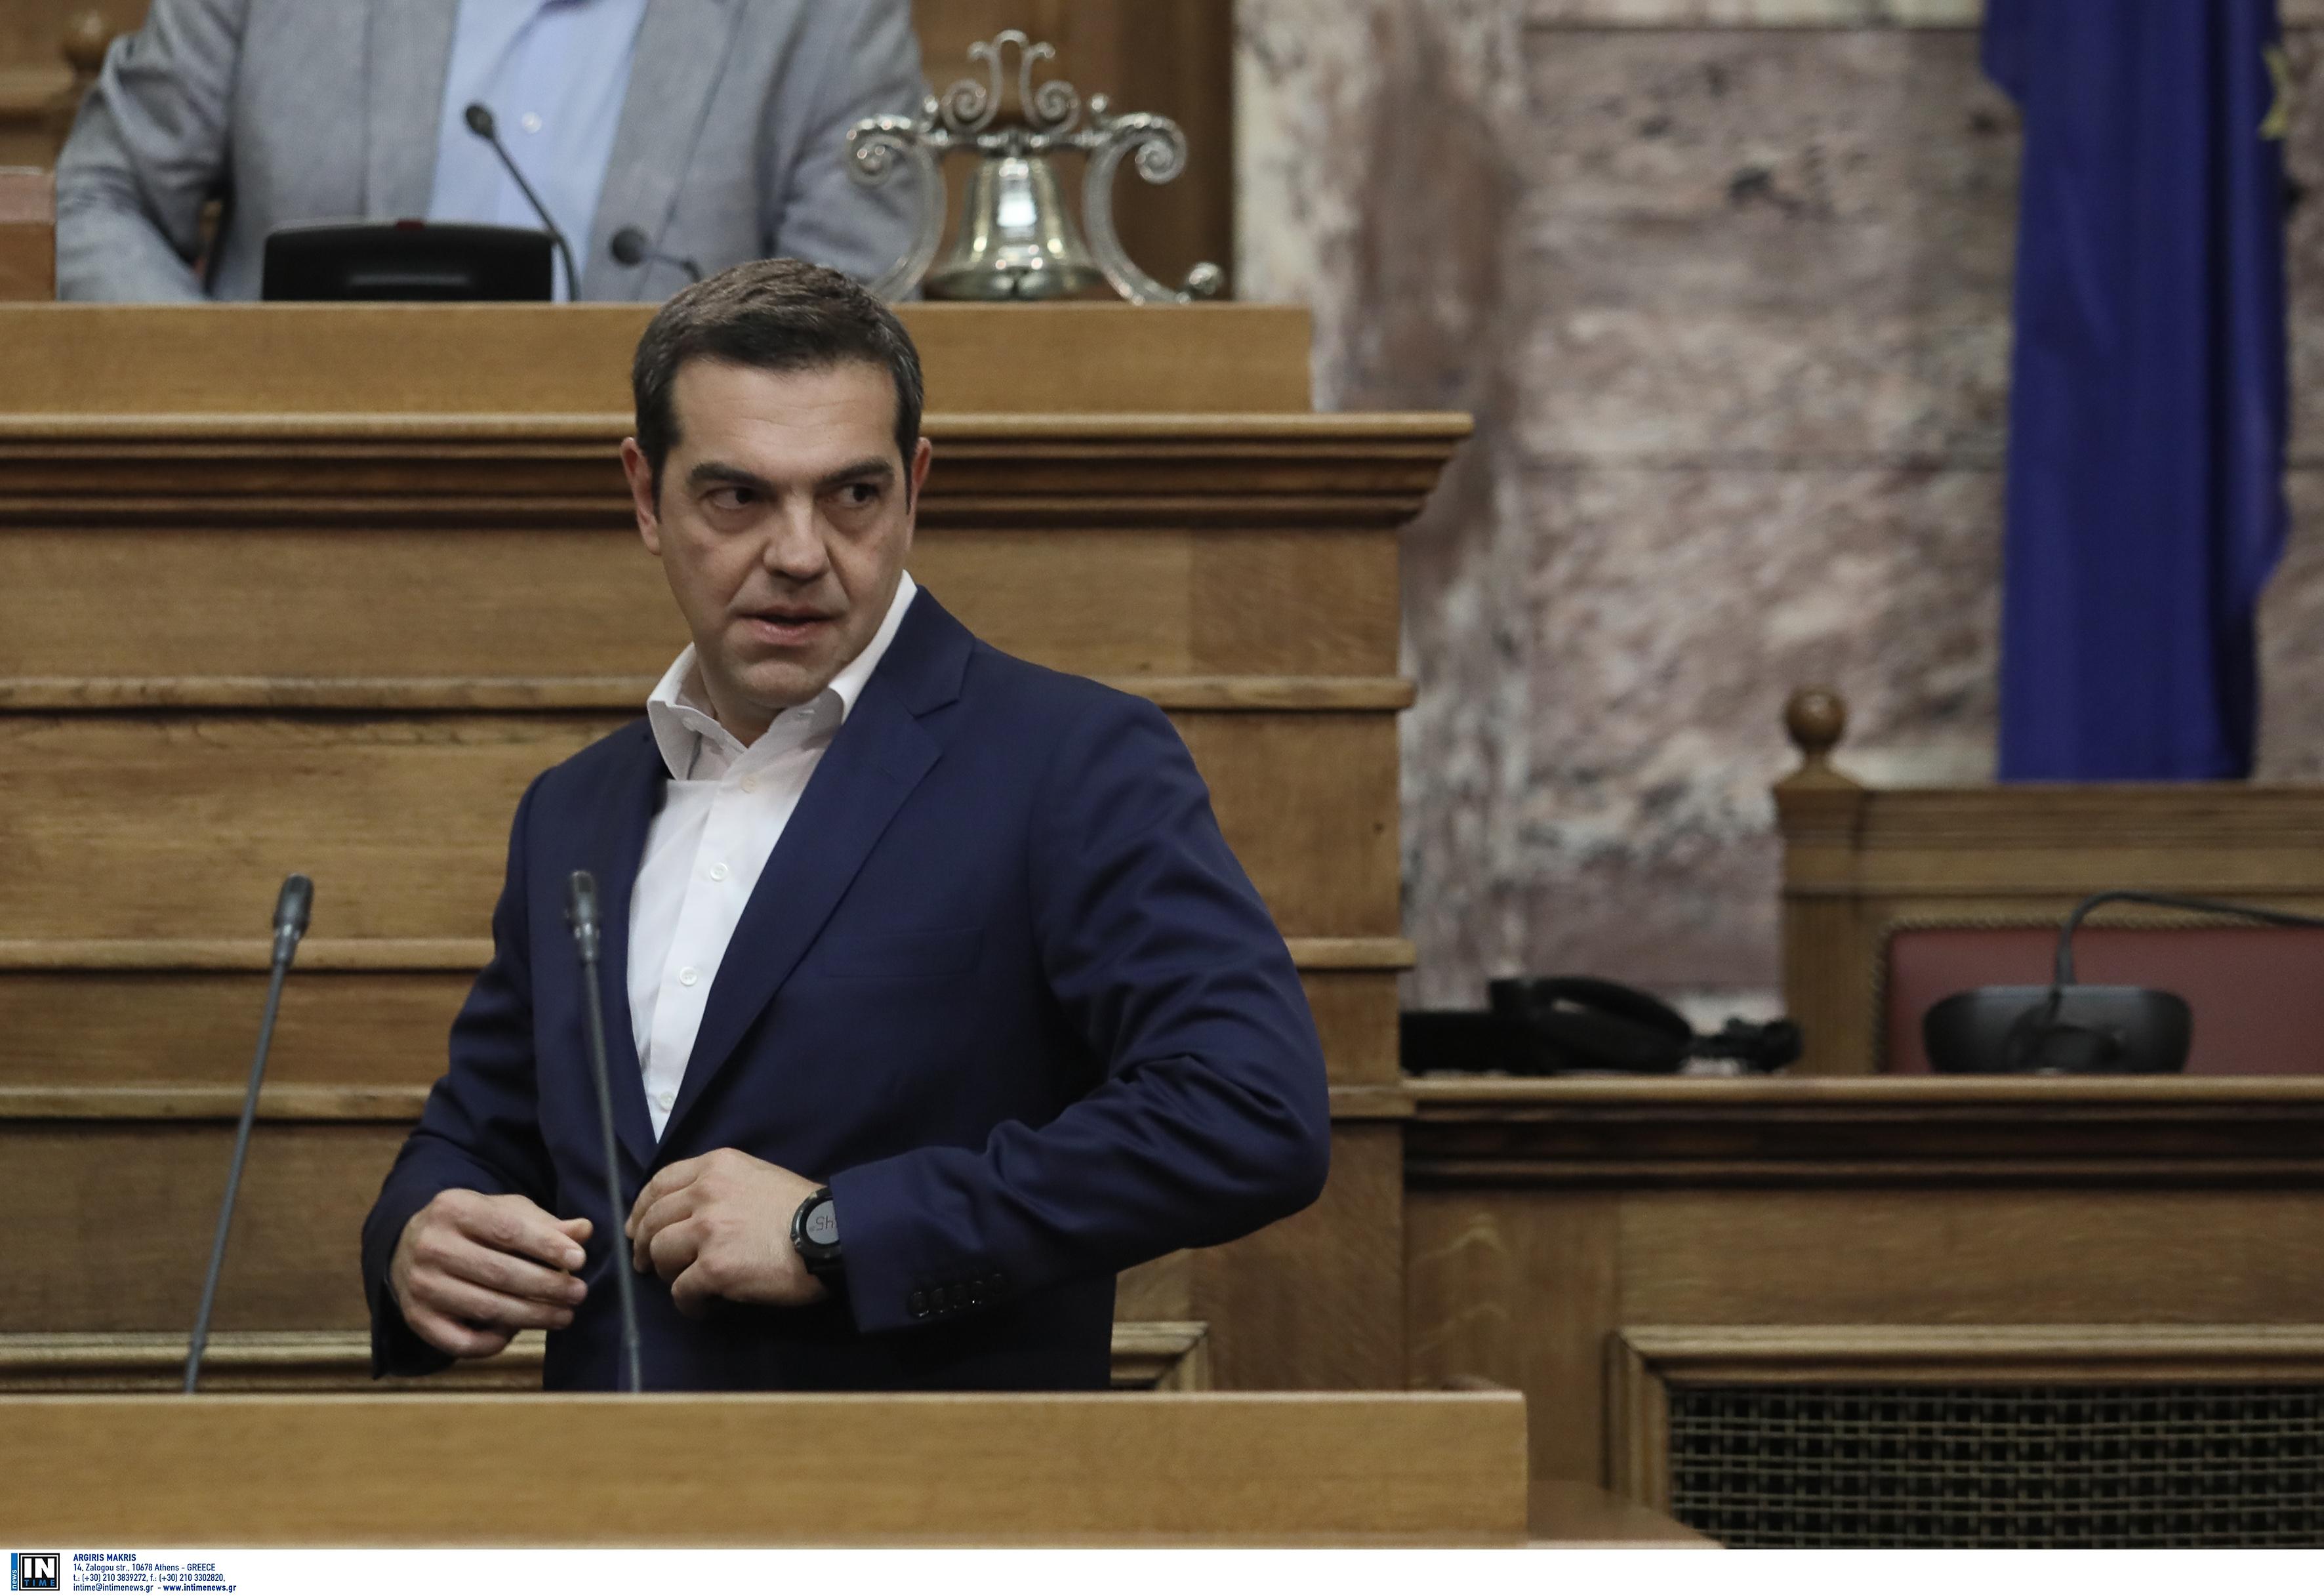 Γκρίνια, αντάρτικο και εκνευρισμός στον ΣΥΡΙΖΑ! Τσίπρας: Άντε μην τα πάρω στο κρανίο – Ενόχληση Τσακαλώτου και αιχμές